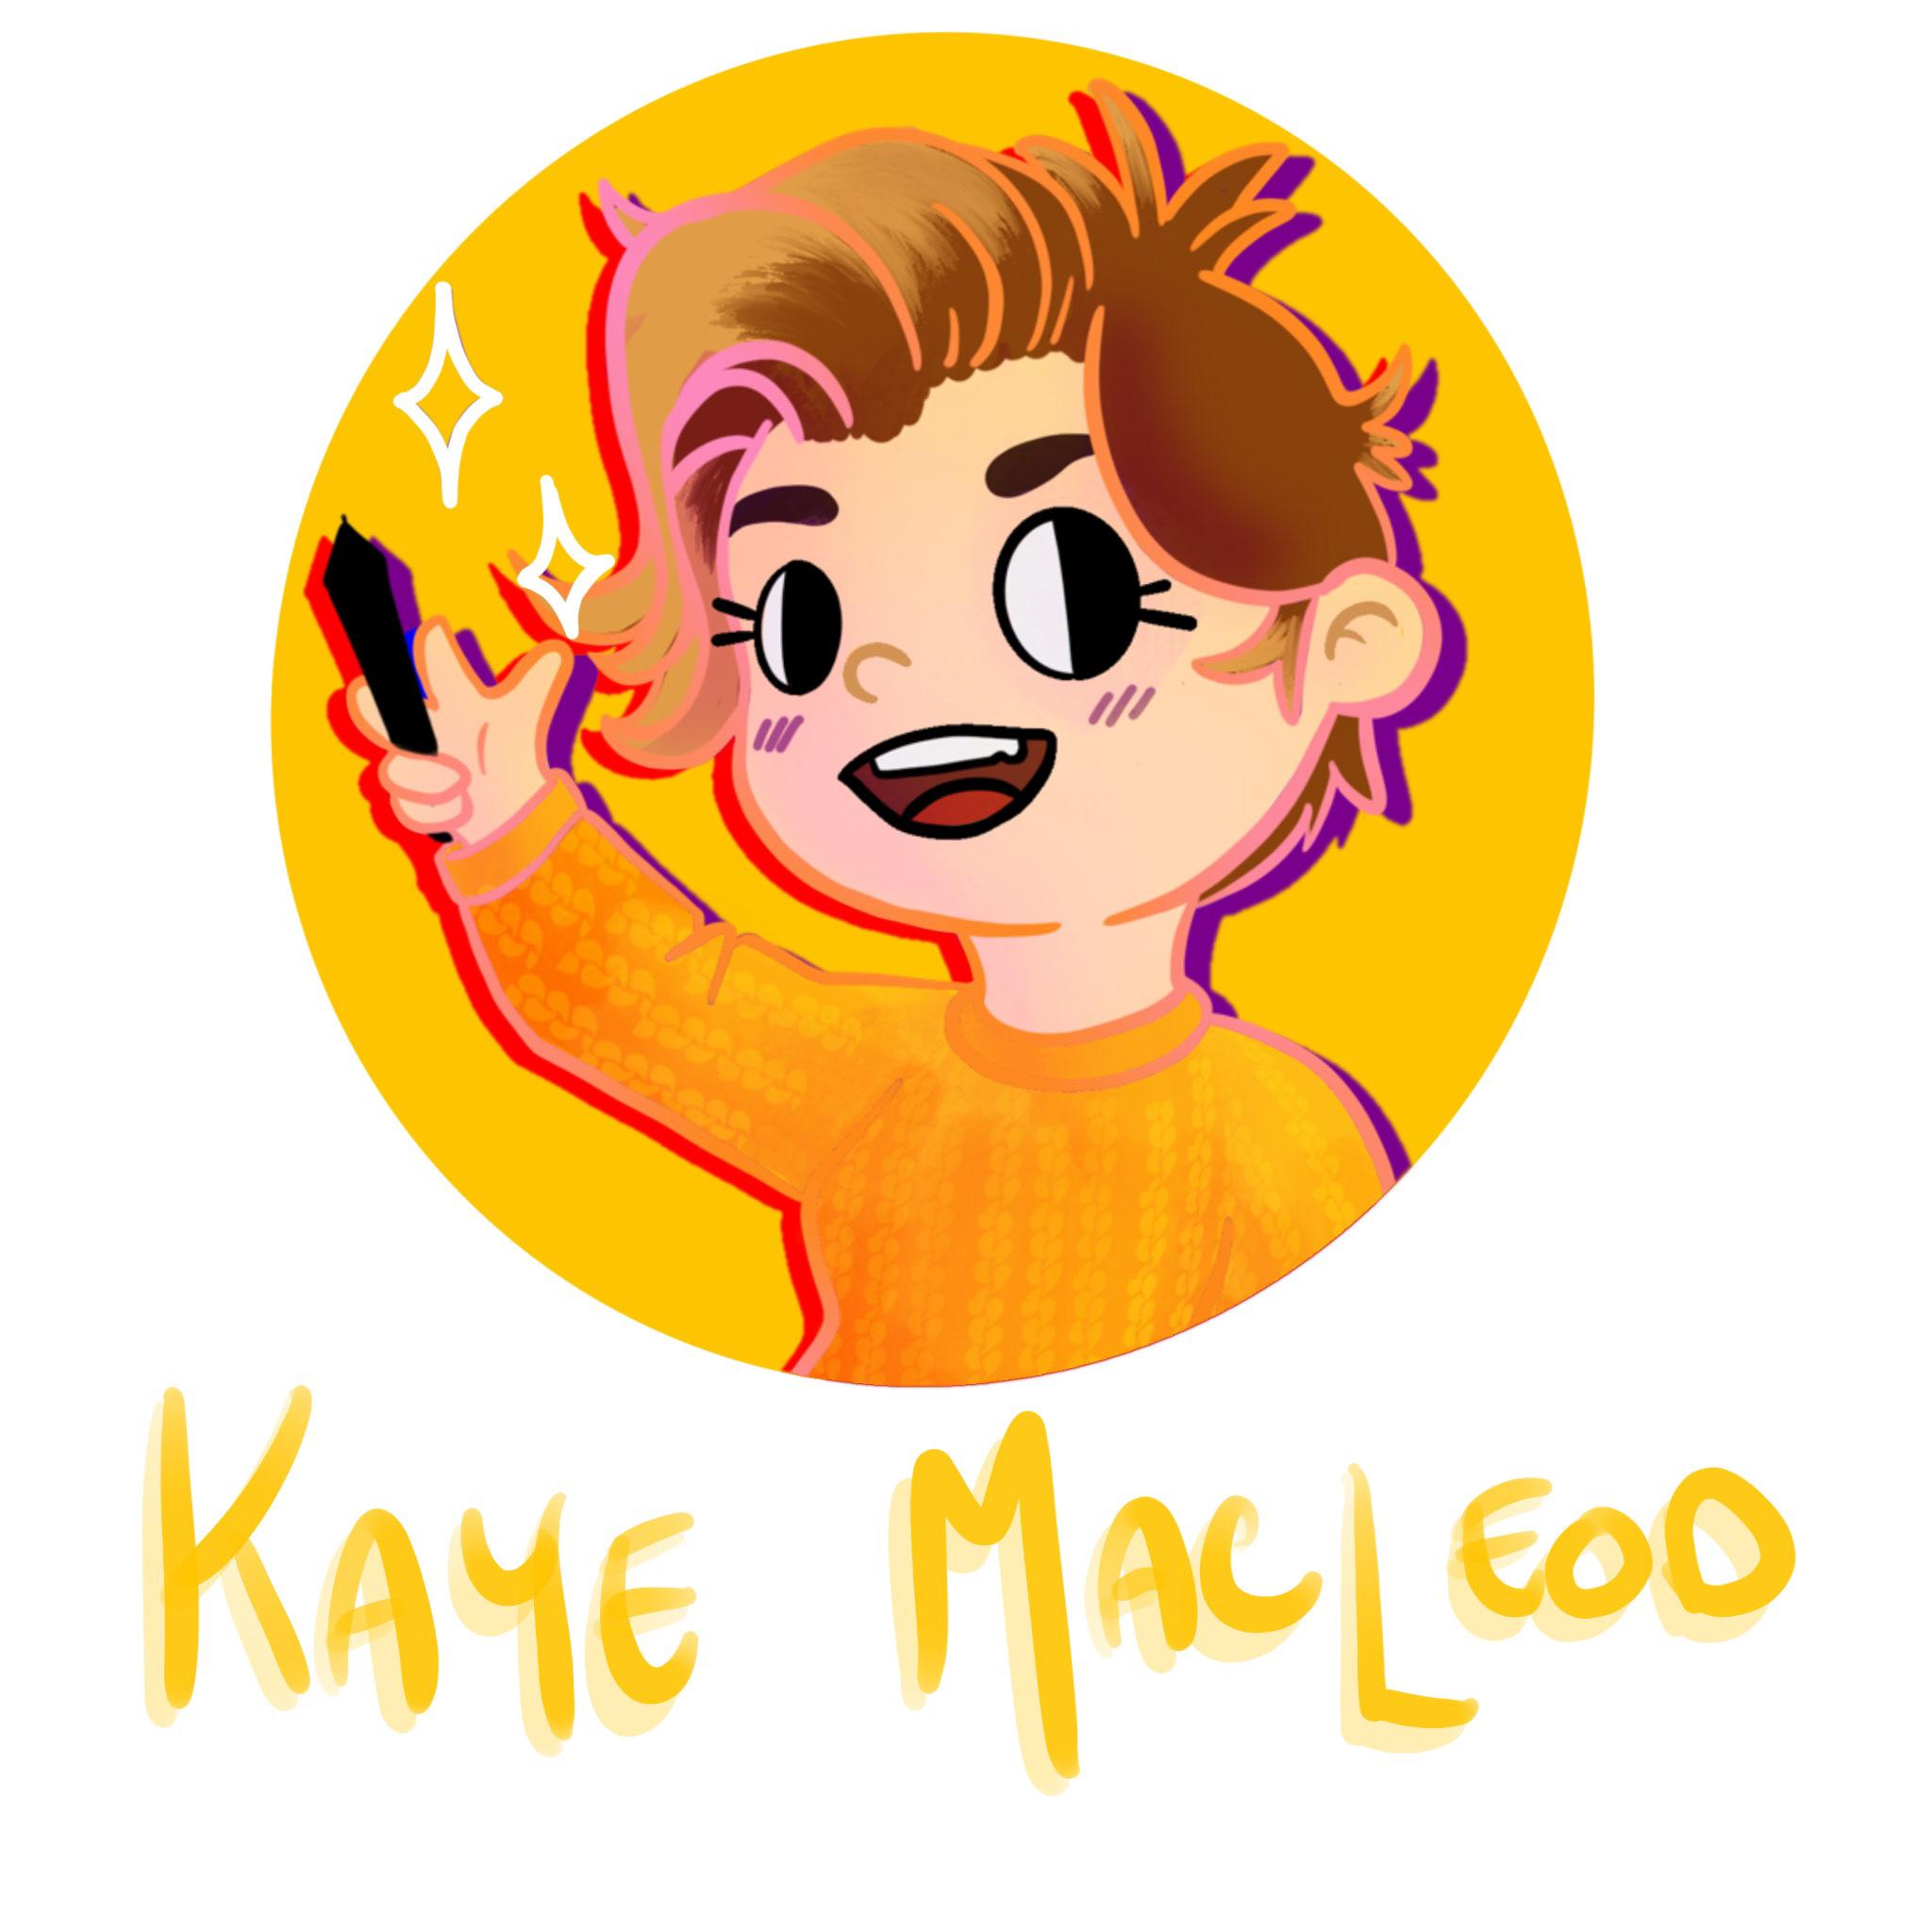 Kayleigh Ann MacLeod